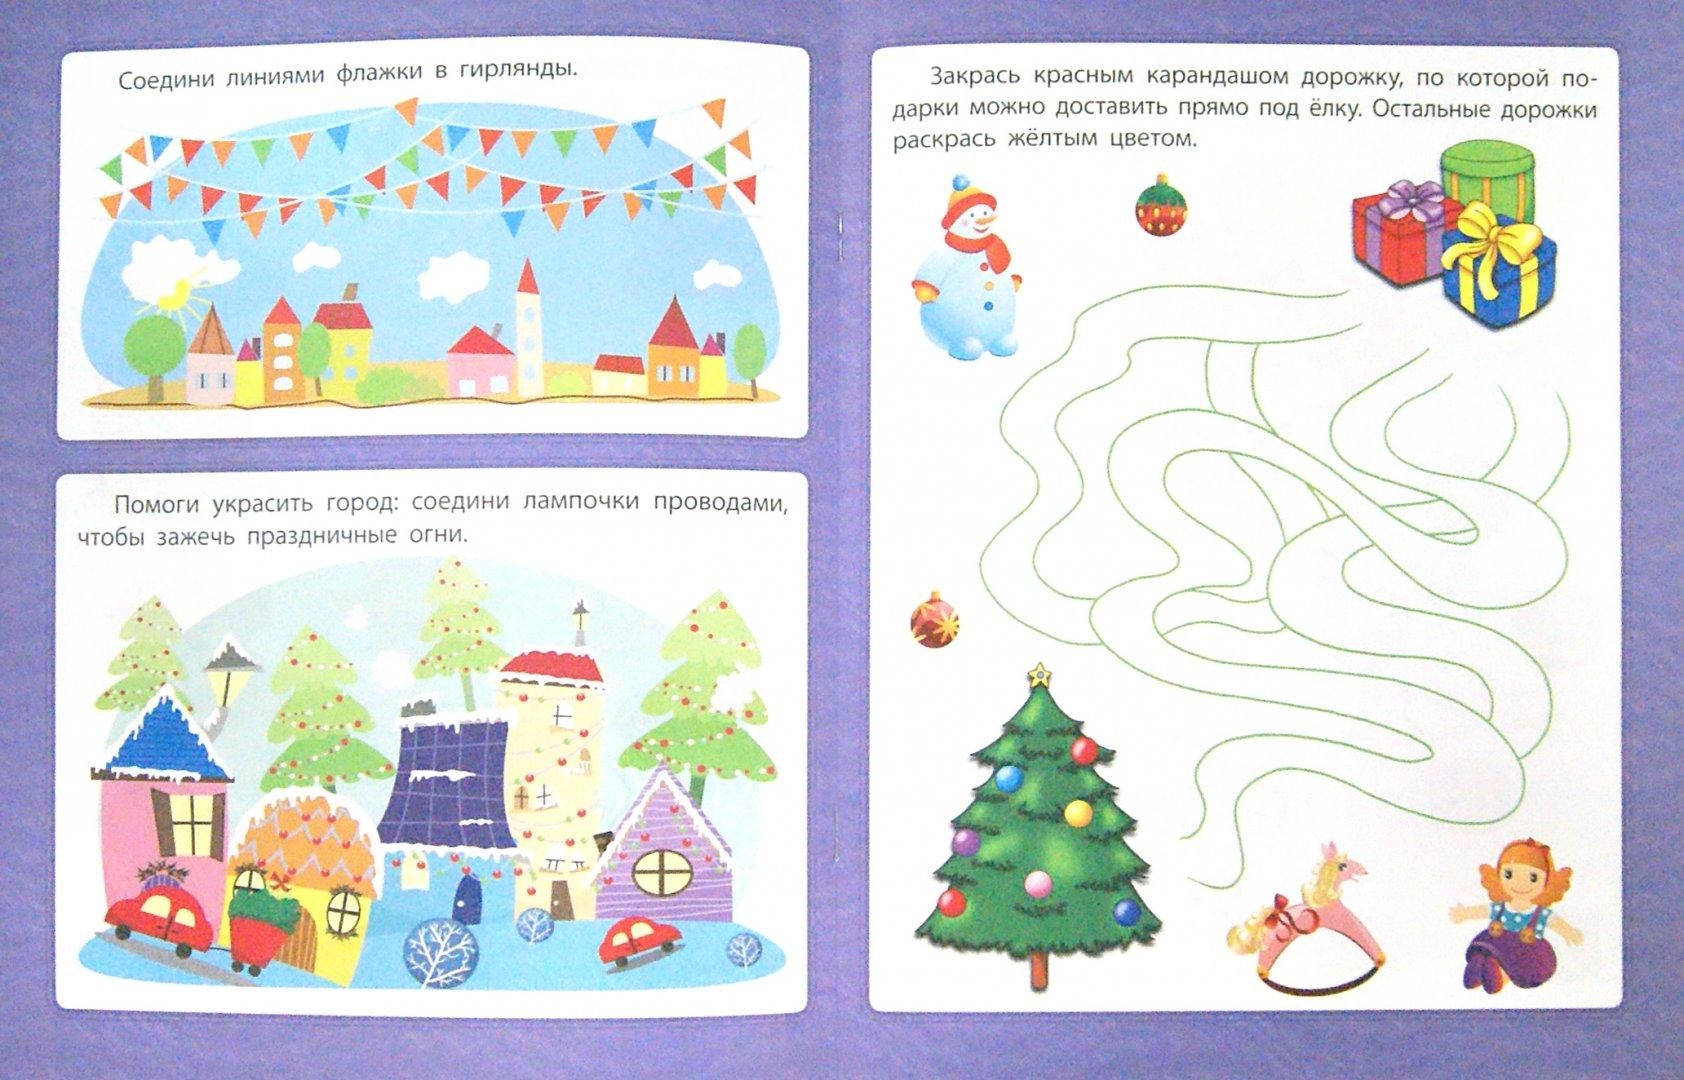 Иллюстрация 1 из 22 для Любознательным малышам. Подготовка к письму - Евгения Ищук | Лабиринт - книги. Источник: Лабиринт